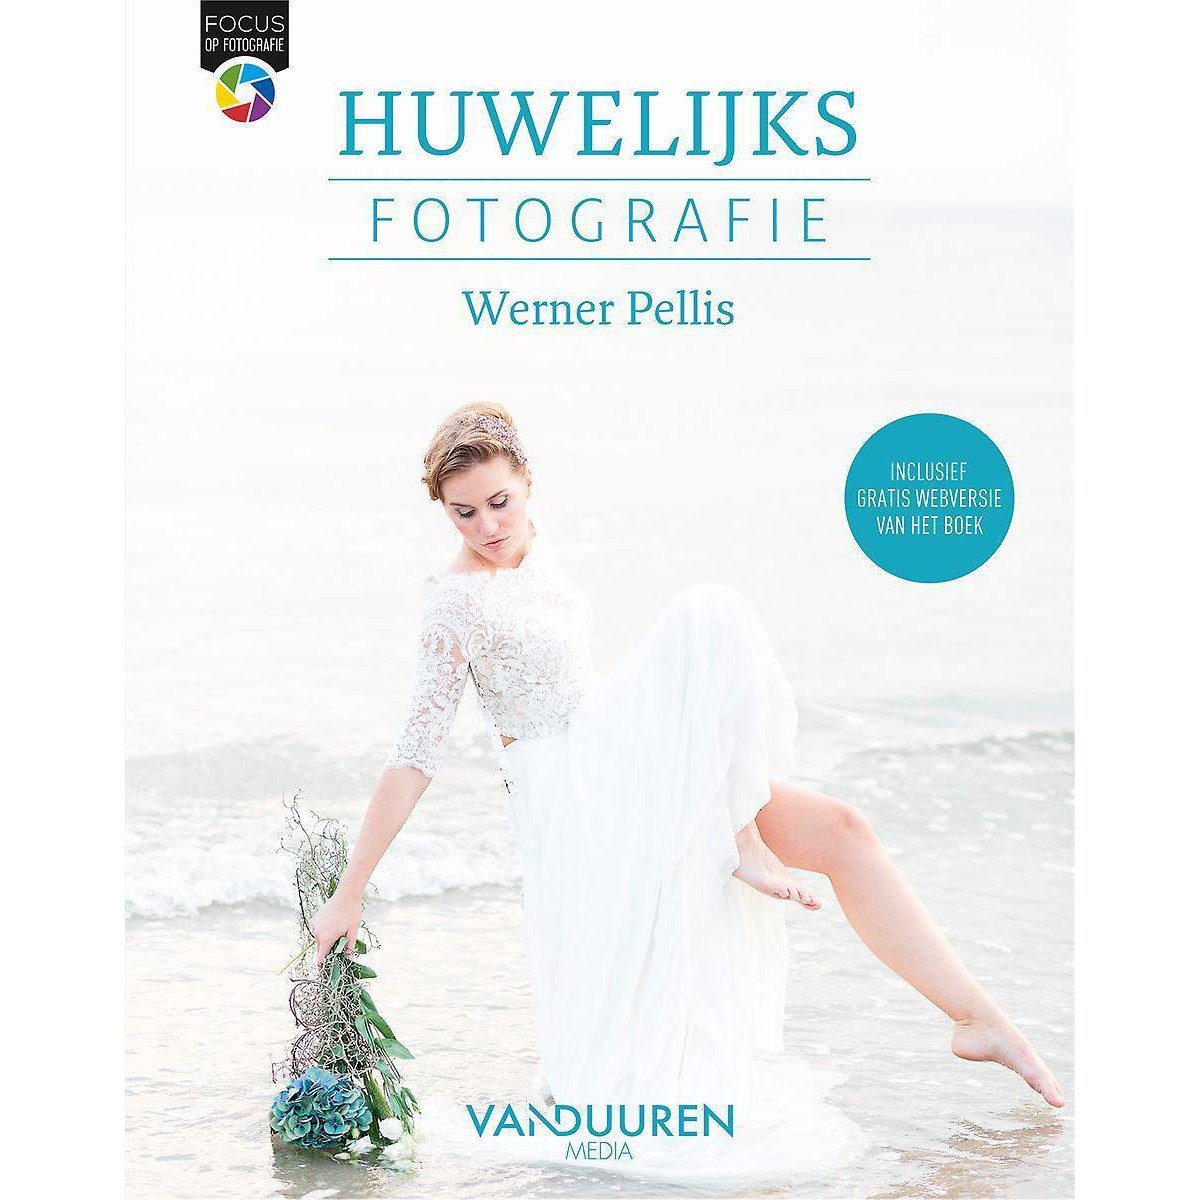 Focus op fotografie: Huwelijksfotografie - Werner Pellis